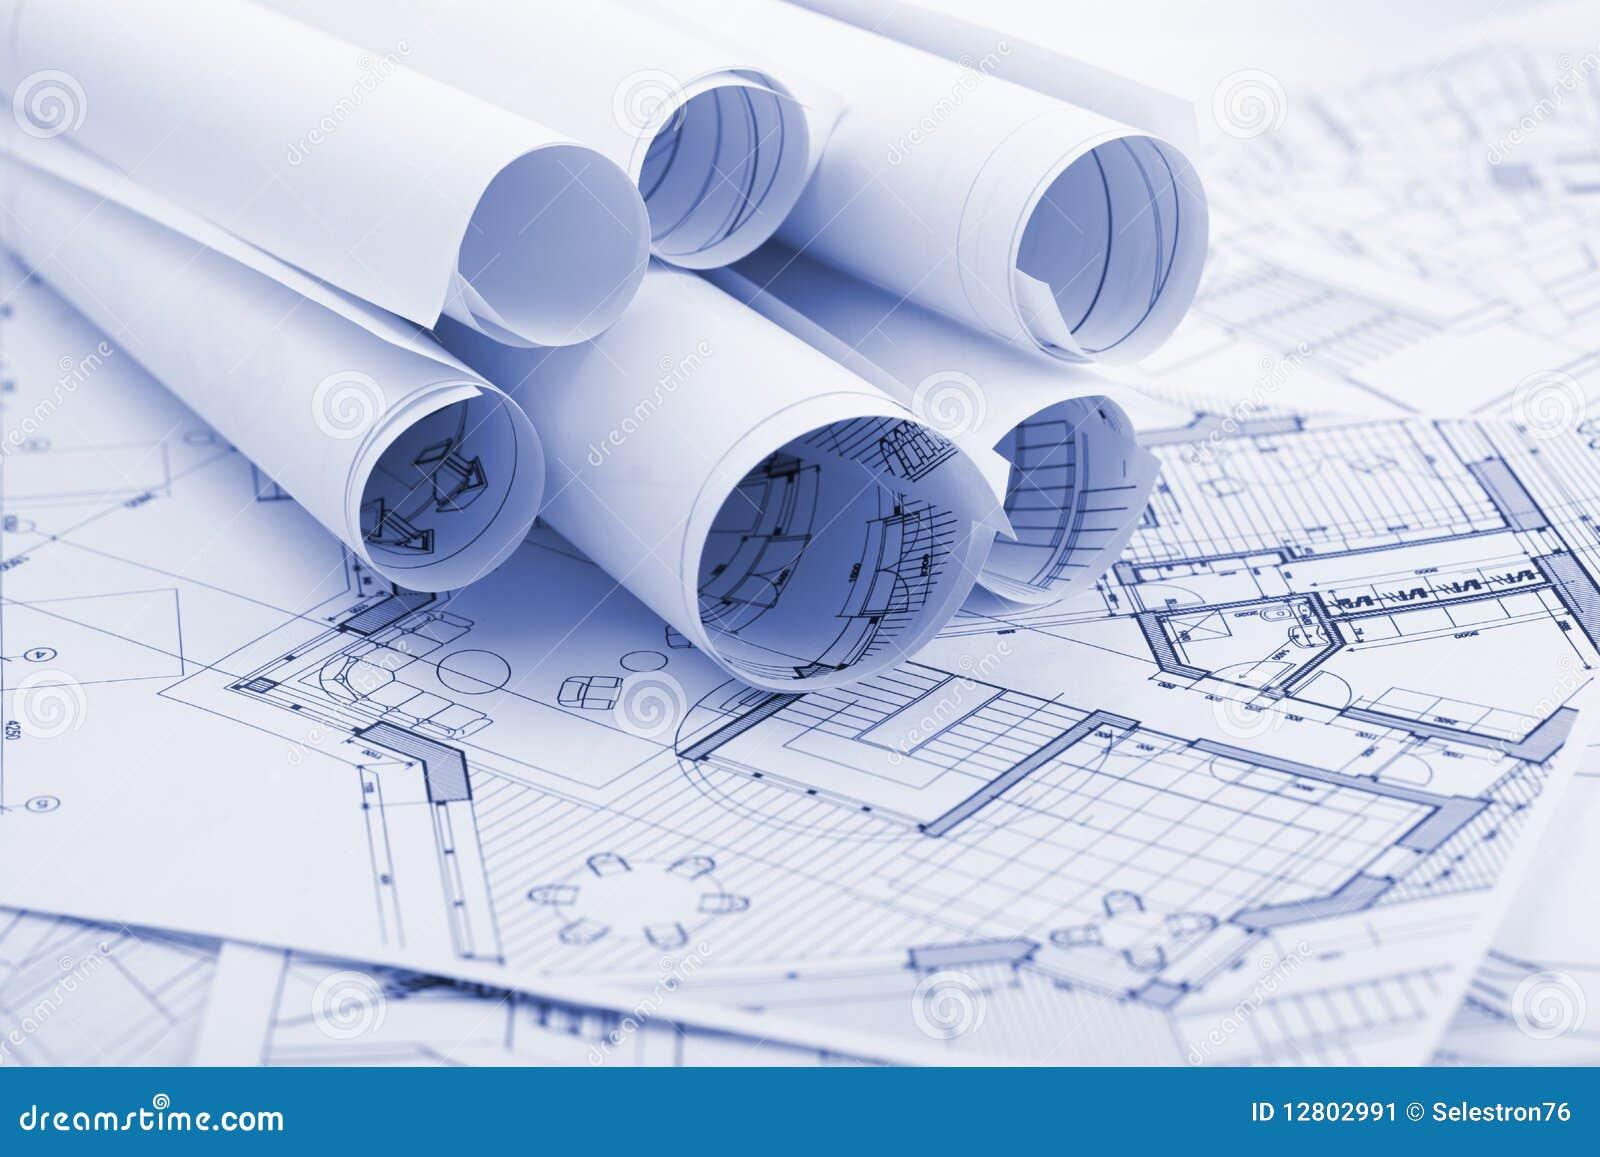 programmi di architettura immagine stock immagine di